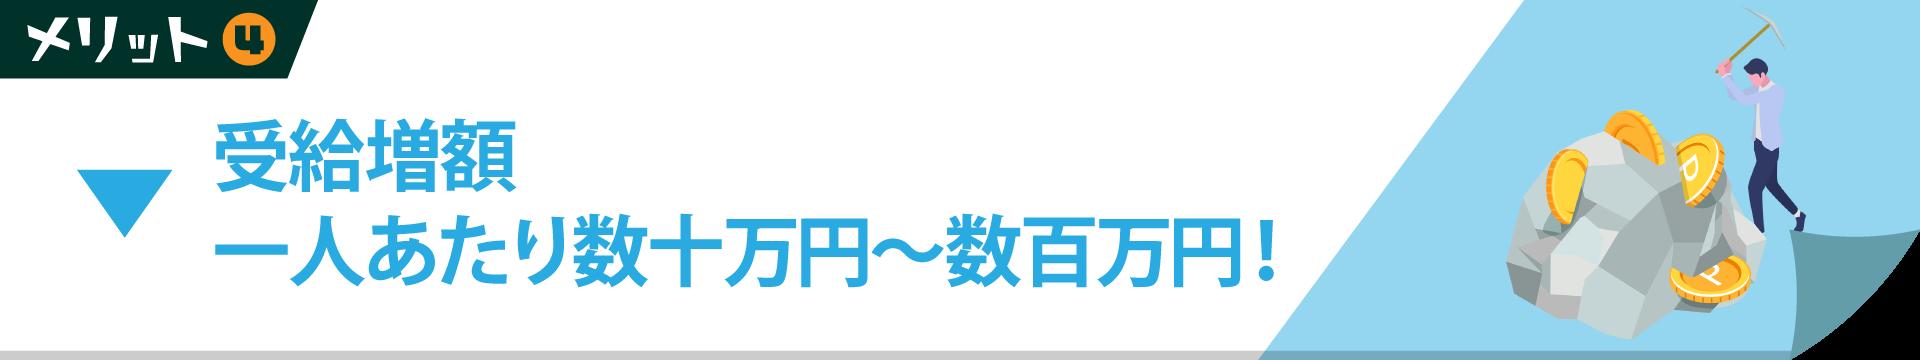 受給増額一人あたり数十万円~数百万円!